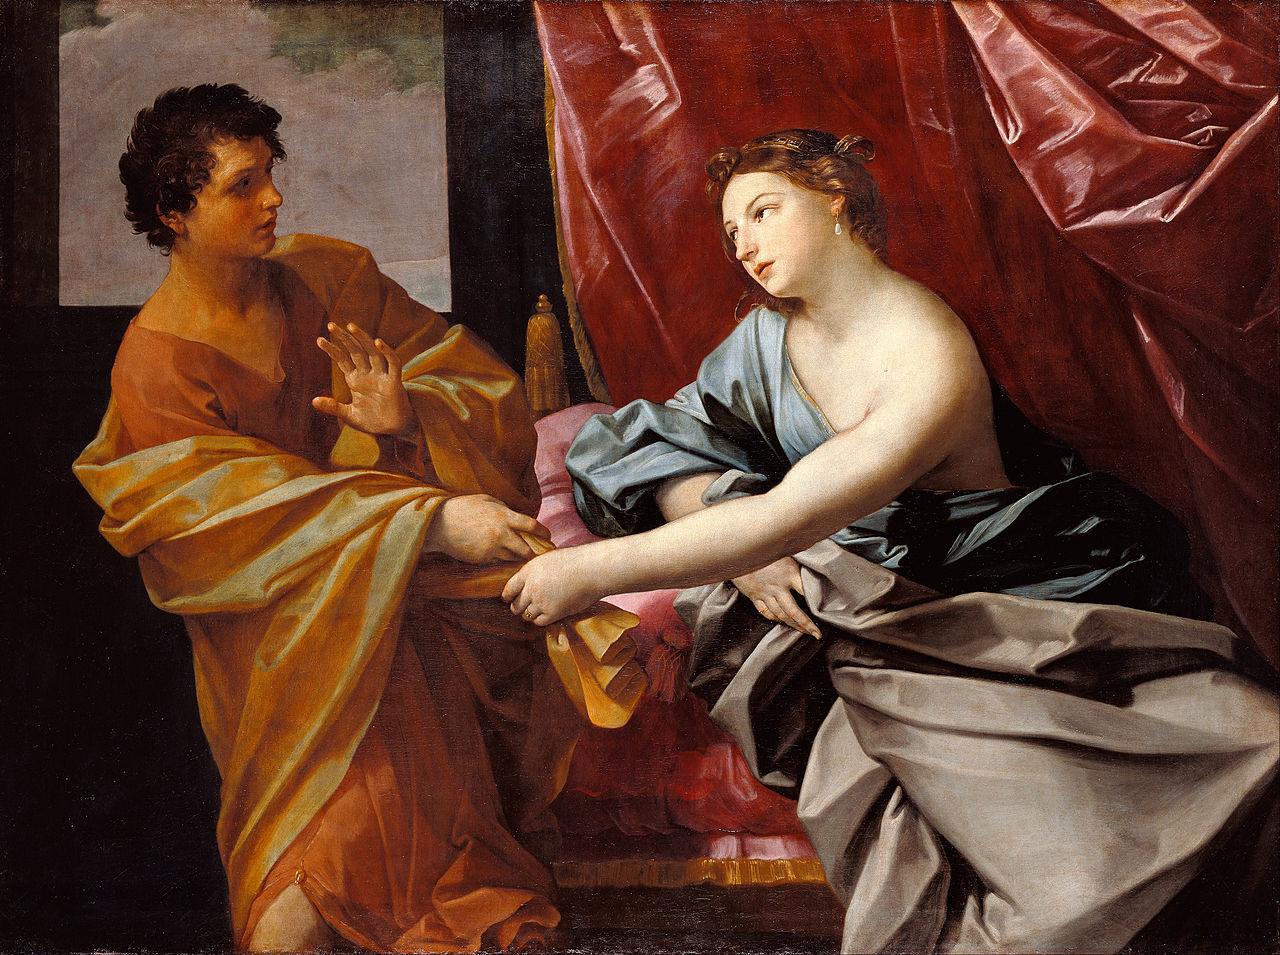 『ヨセフとポティファルの妻』 グイド・レーニ